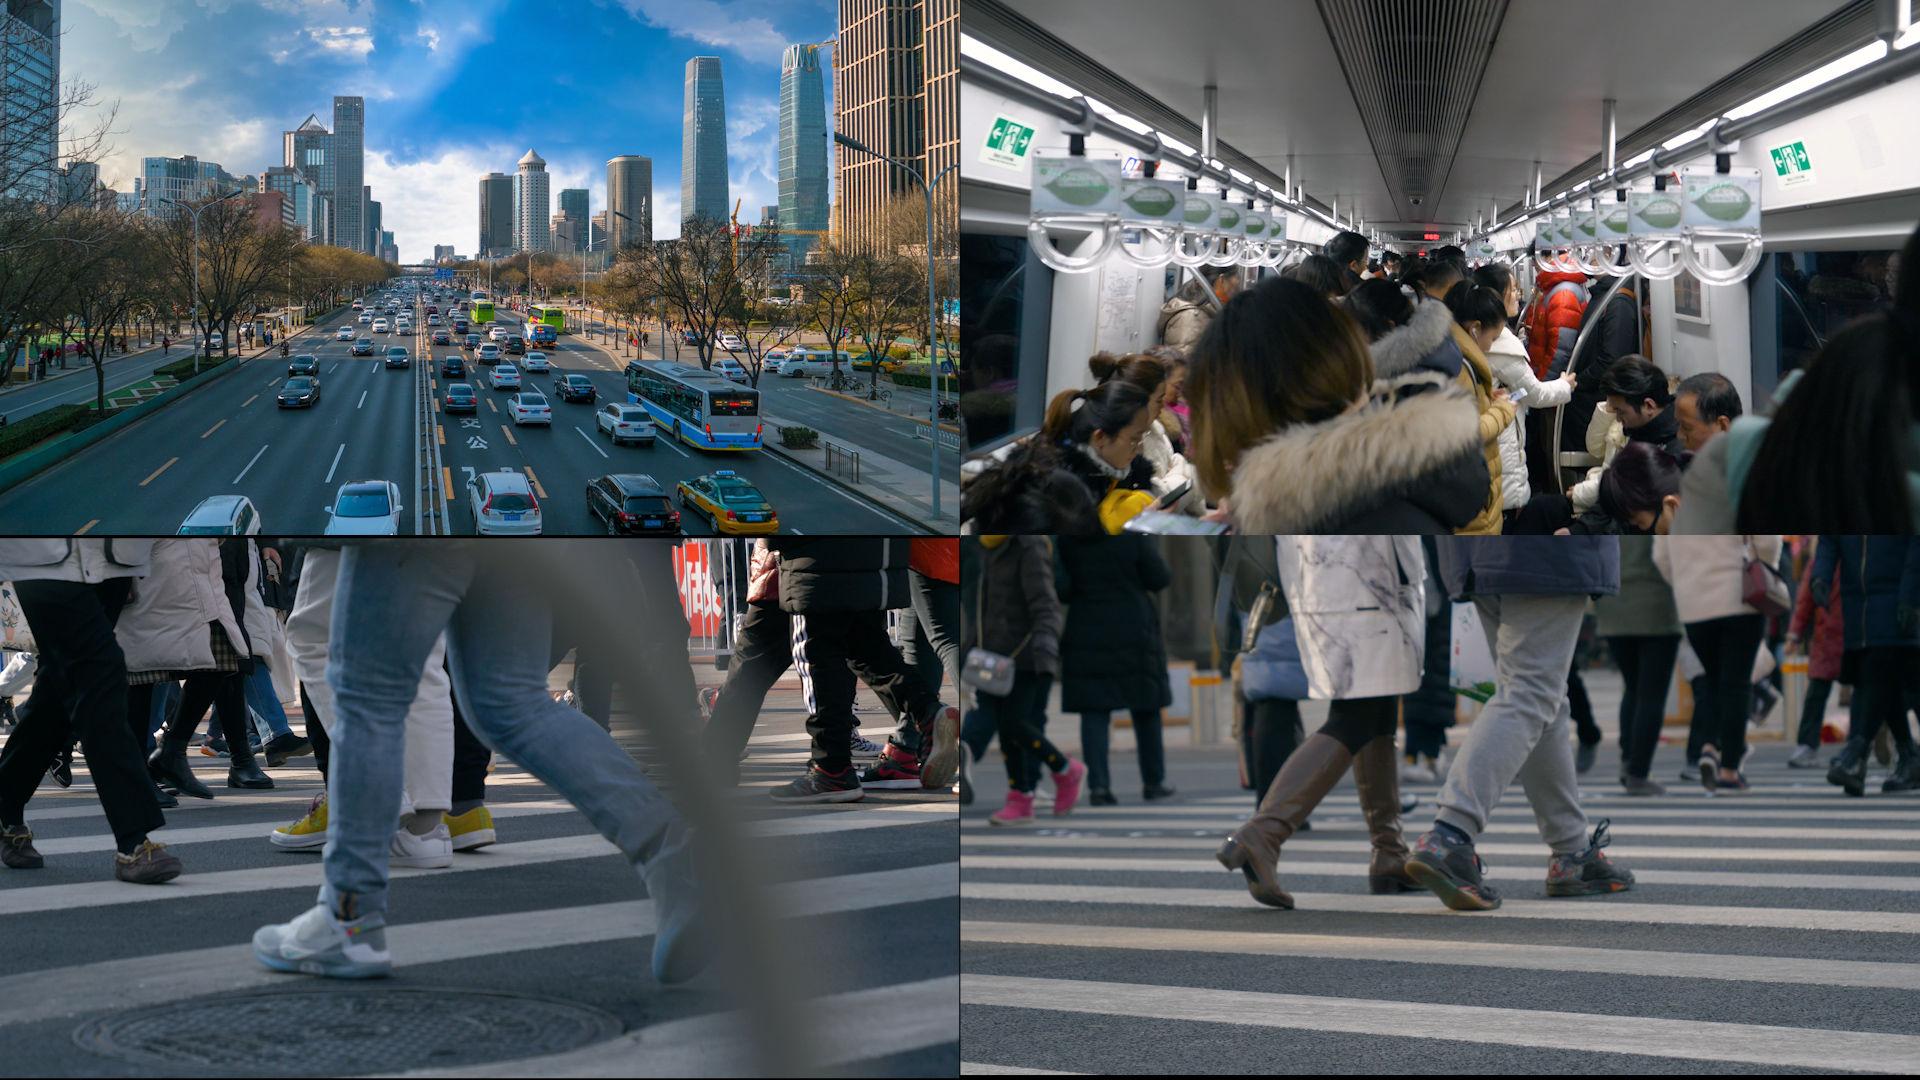 【原创】4k城市人流车流地铁站脚步